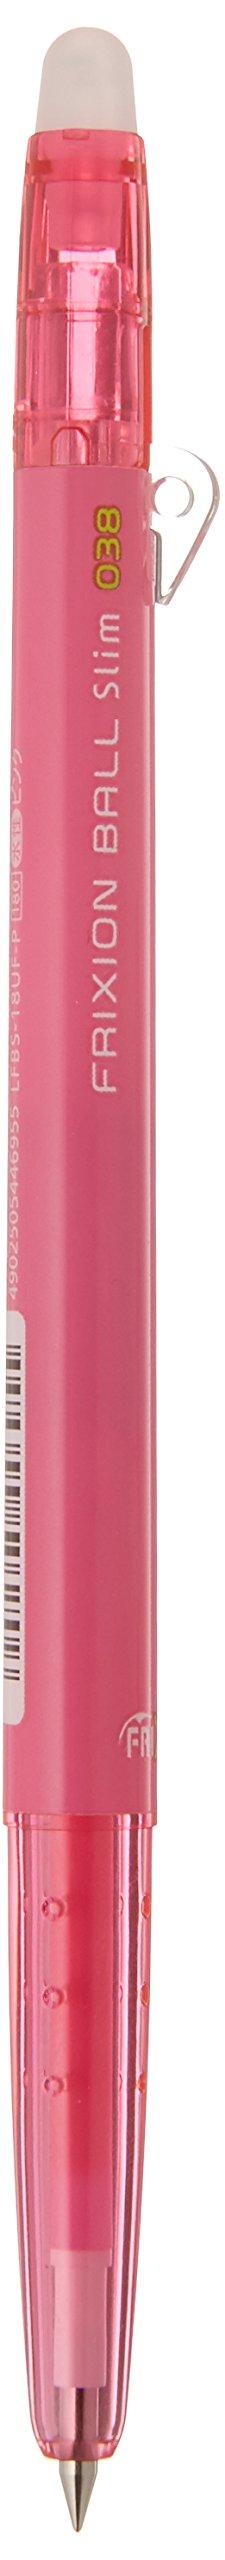 Pilot Frixion Ball Slim 038 Ballpoint Pen, Pink (LFBS-18UFP)